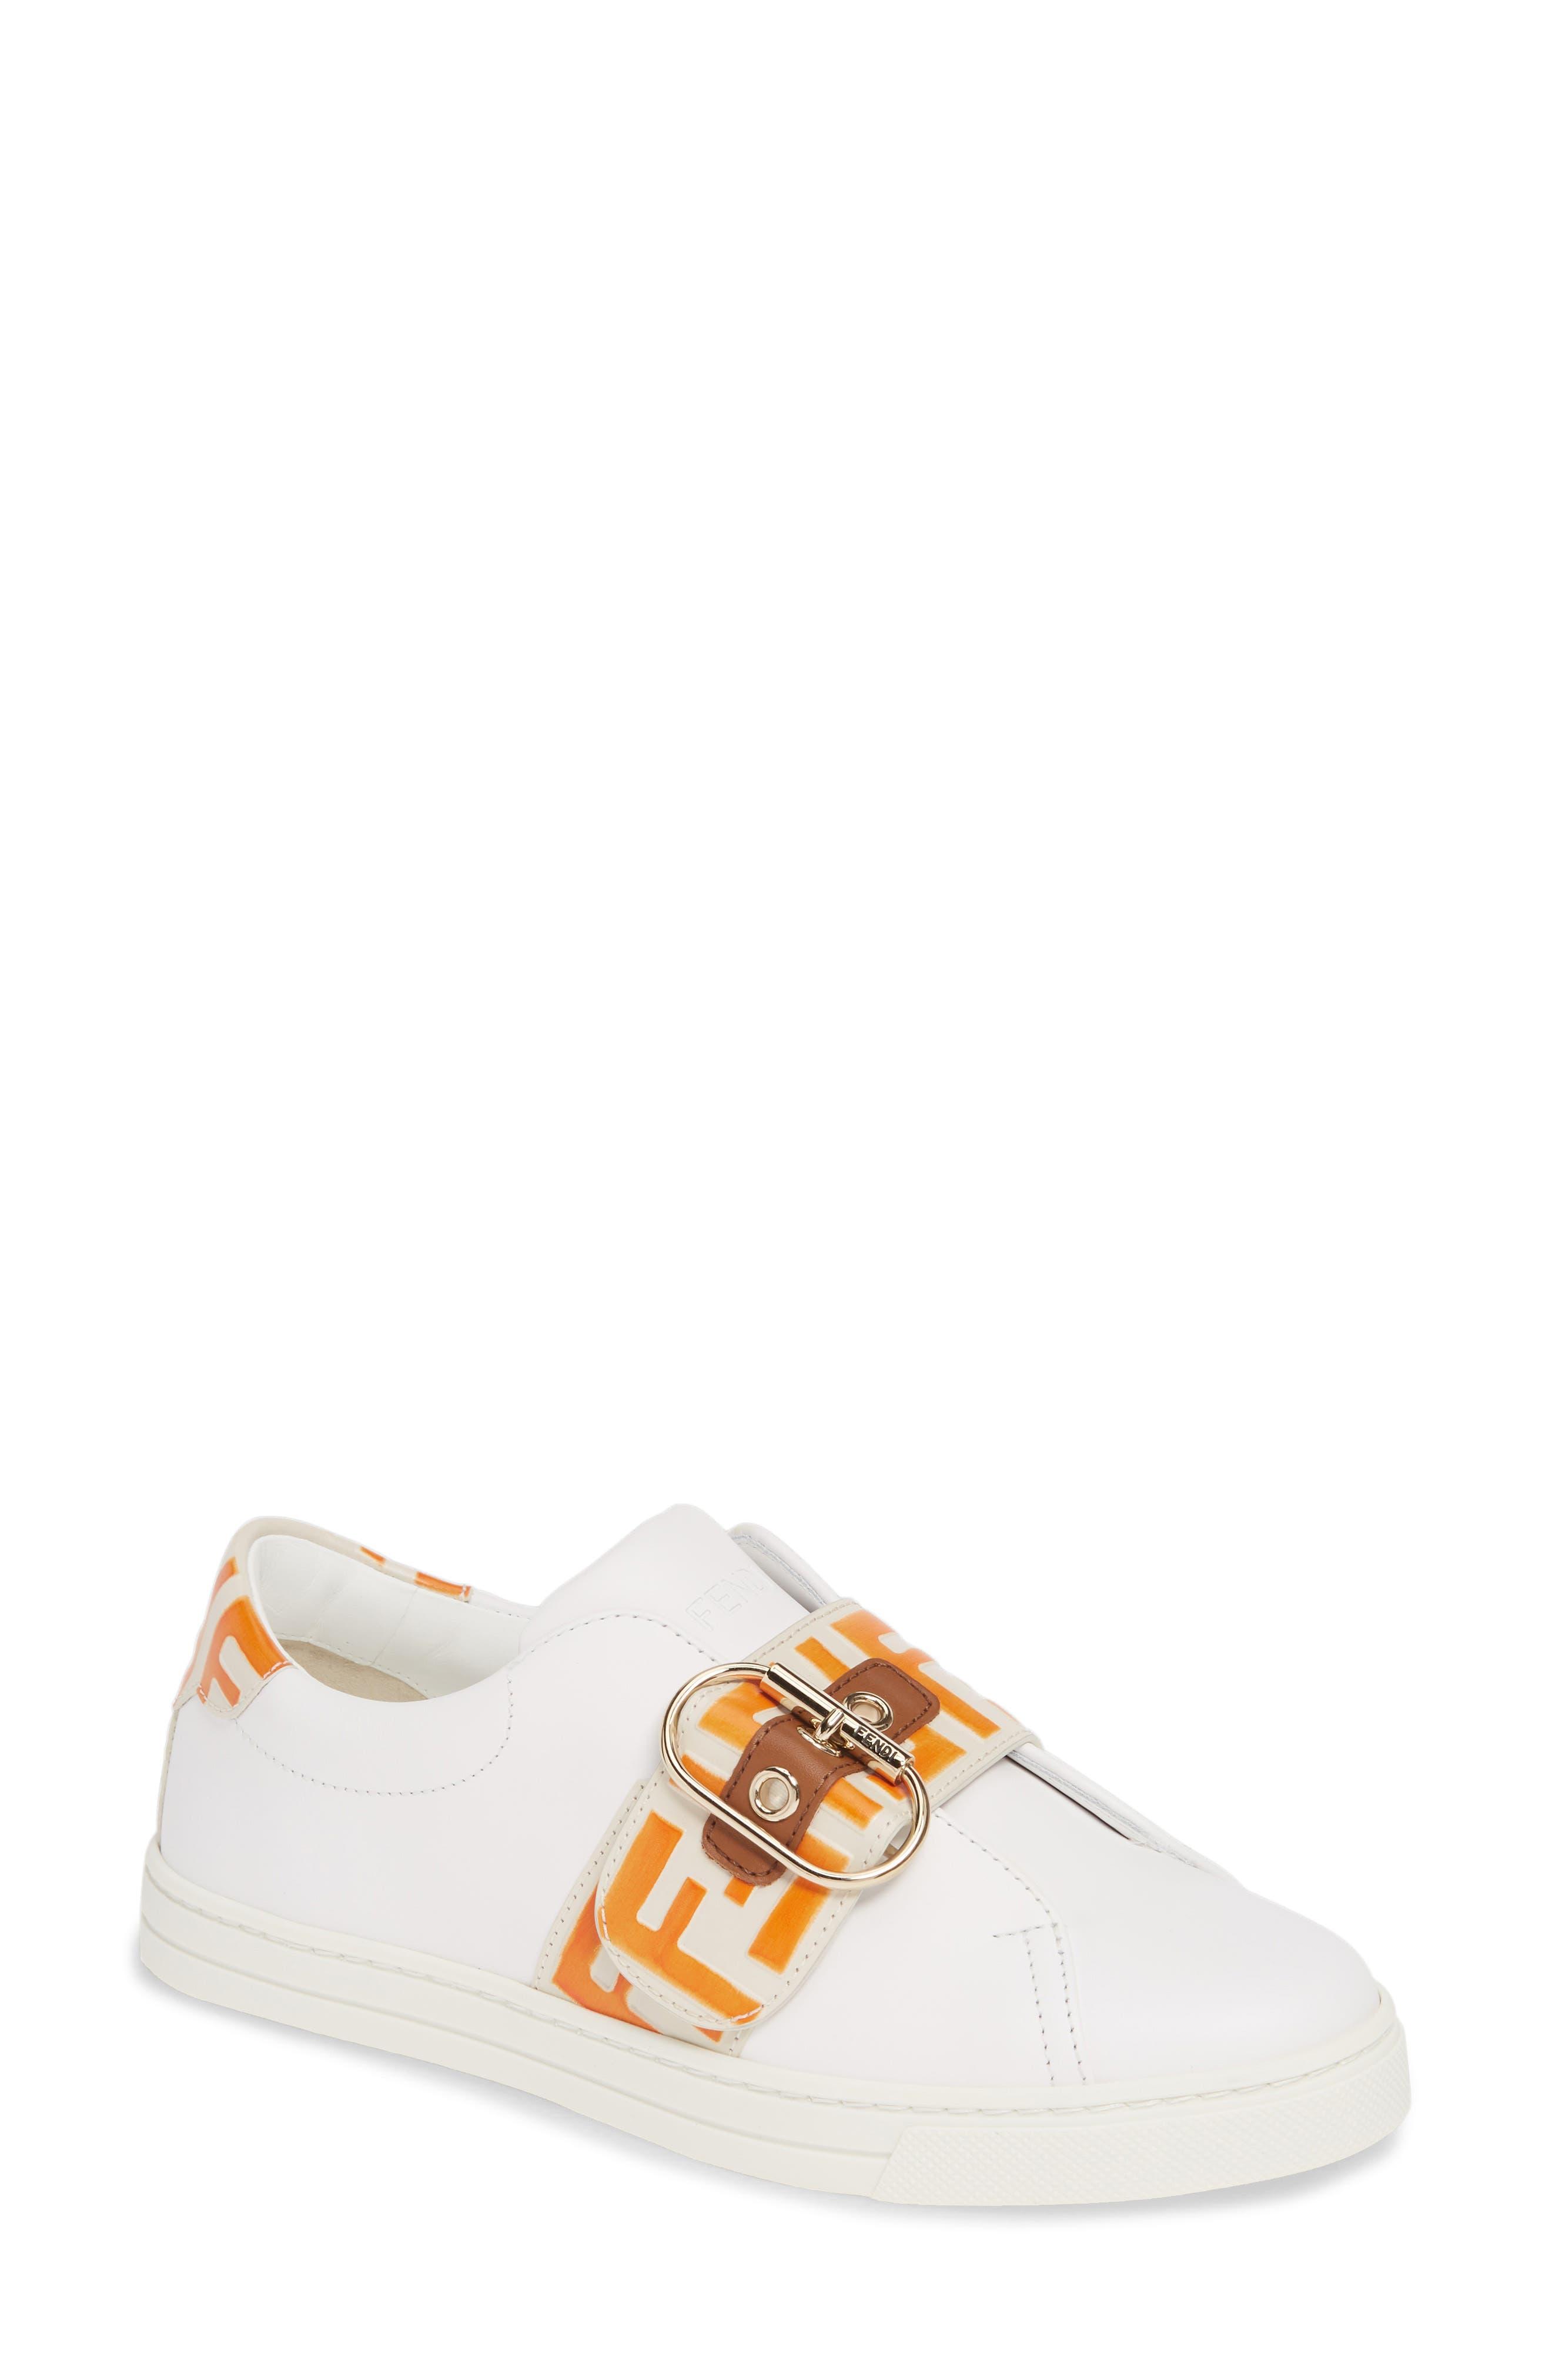 Fendi Pearland Logo Slip-On Sneaker - White